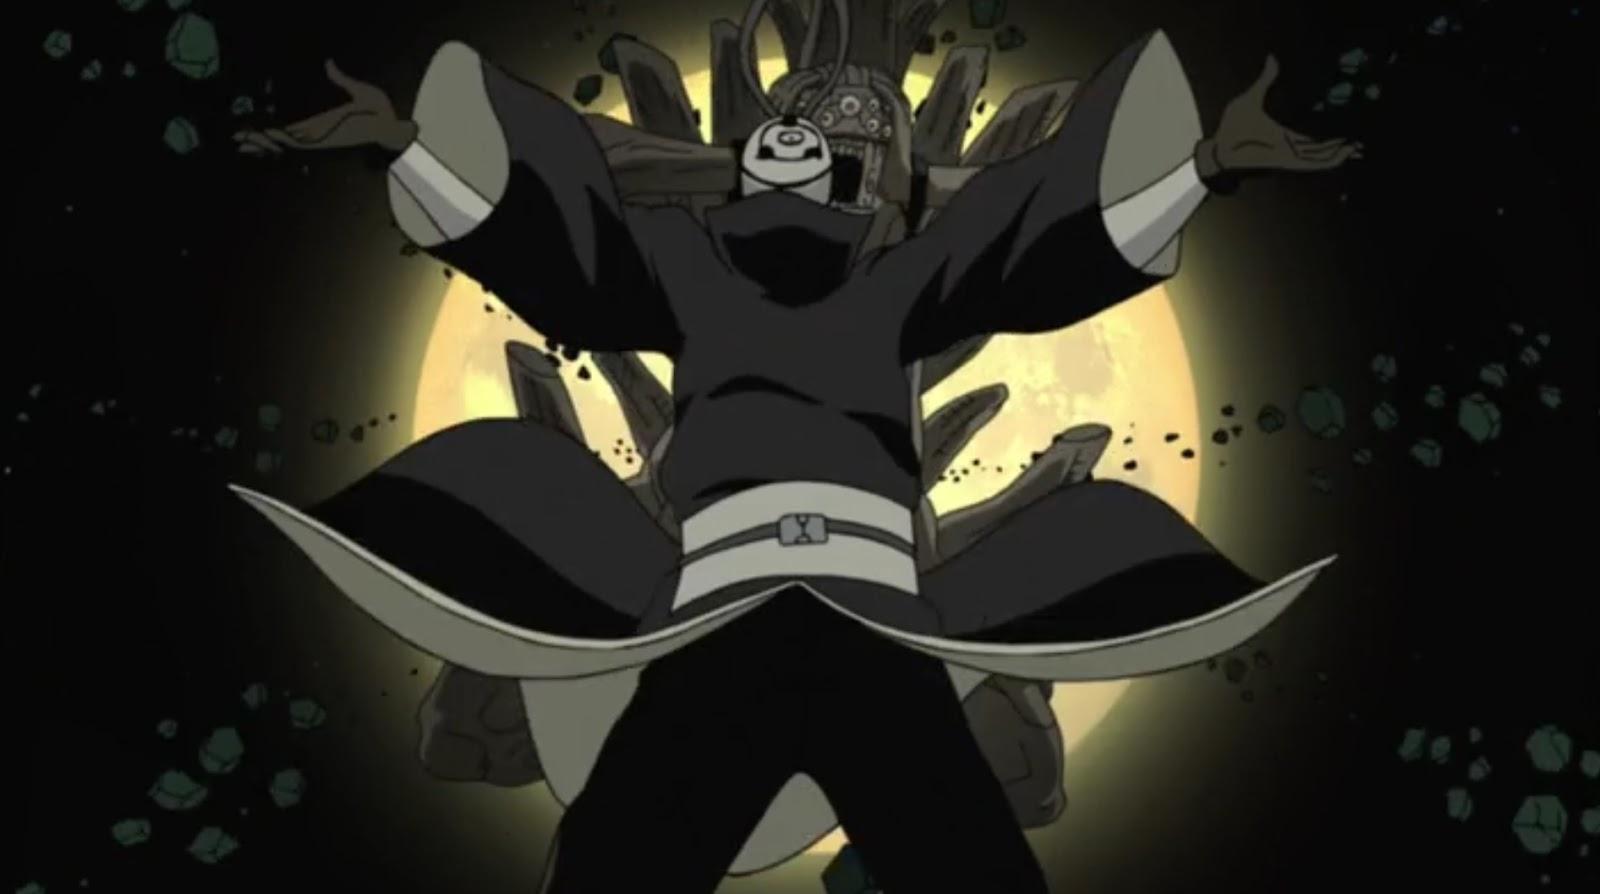 Naruto Shippuden Episódio 341, Assistir Naruto Shippuden Episódio 341, Assistir Naruto Shippuden Todos os Episódios Legendado, Naruto Shippuden episódio 341,HD